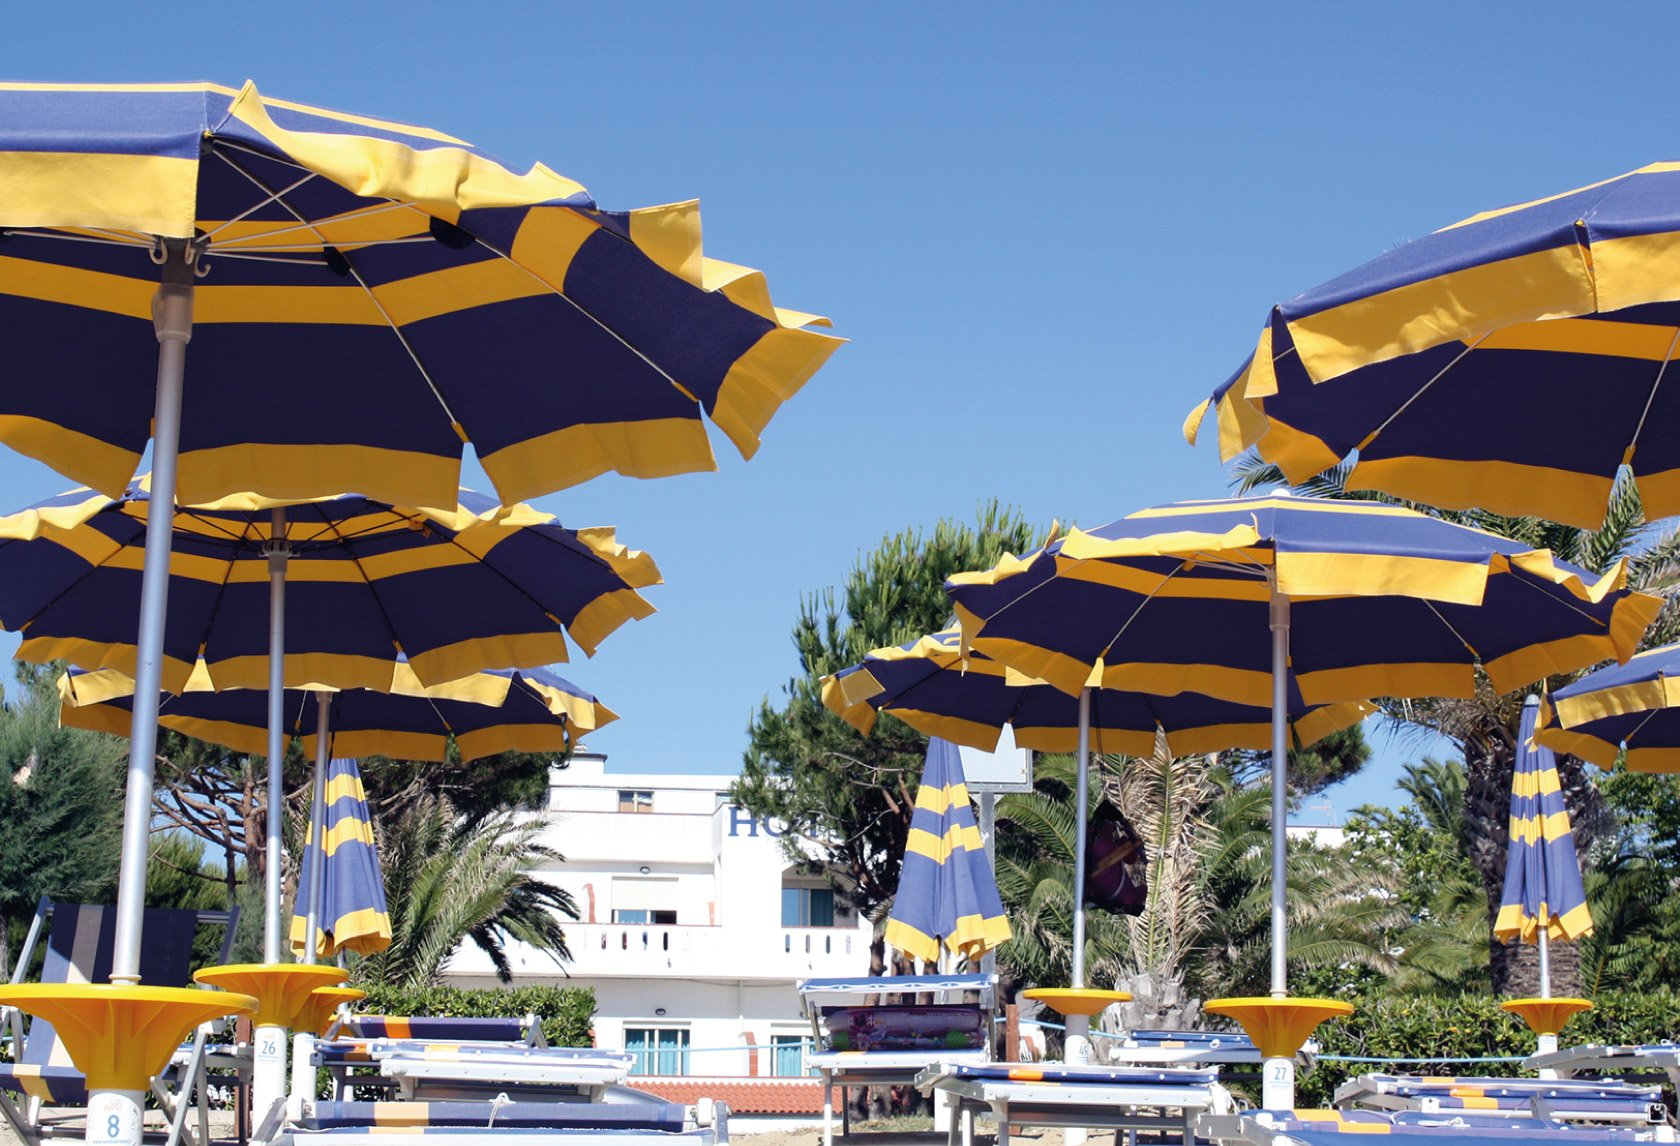 Hotel San Remo - in vacanza con amici